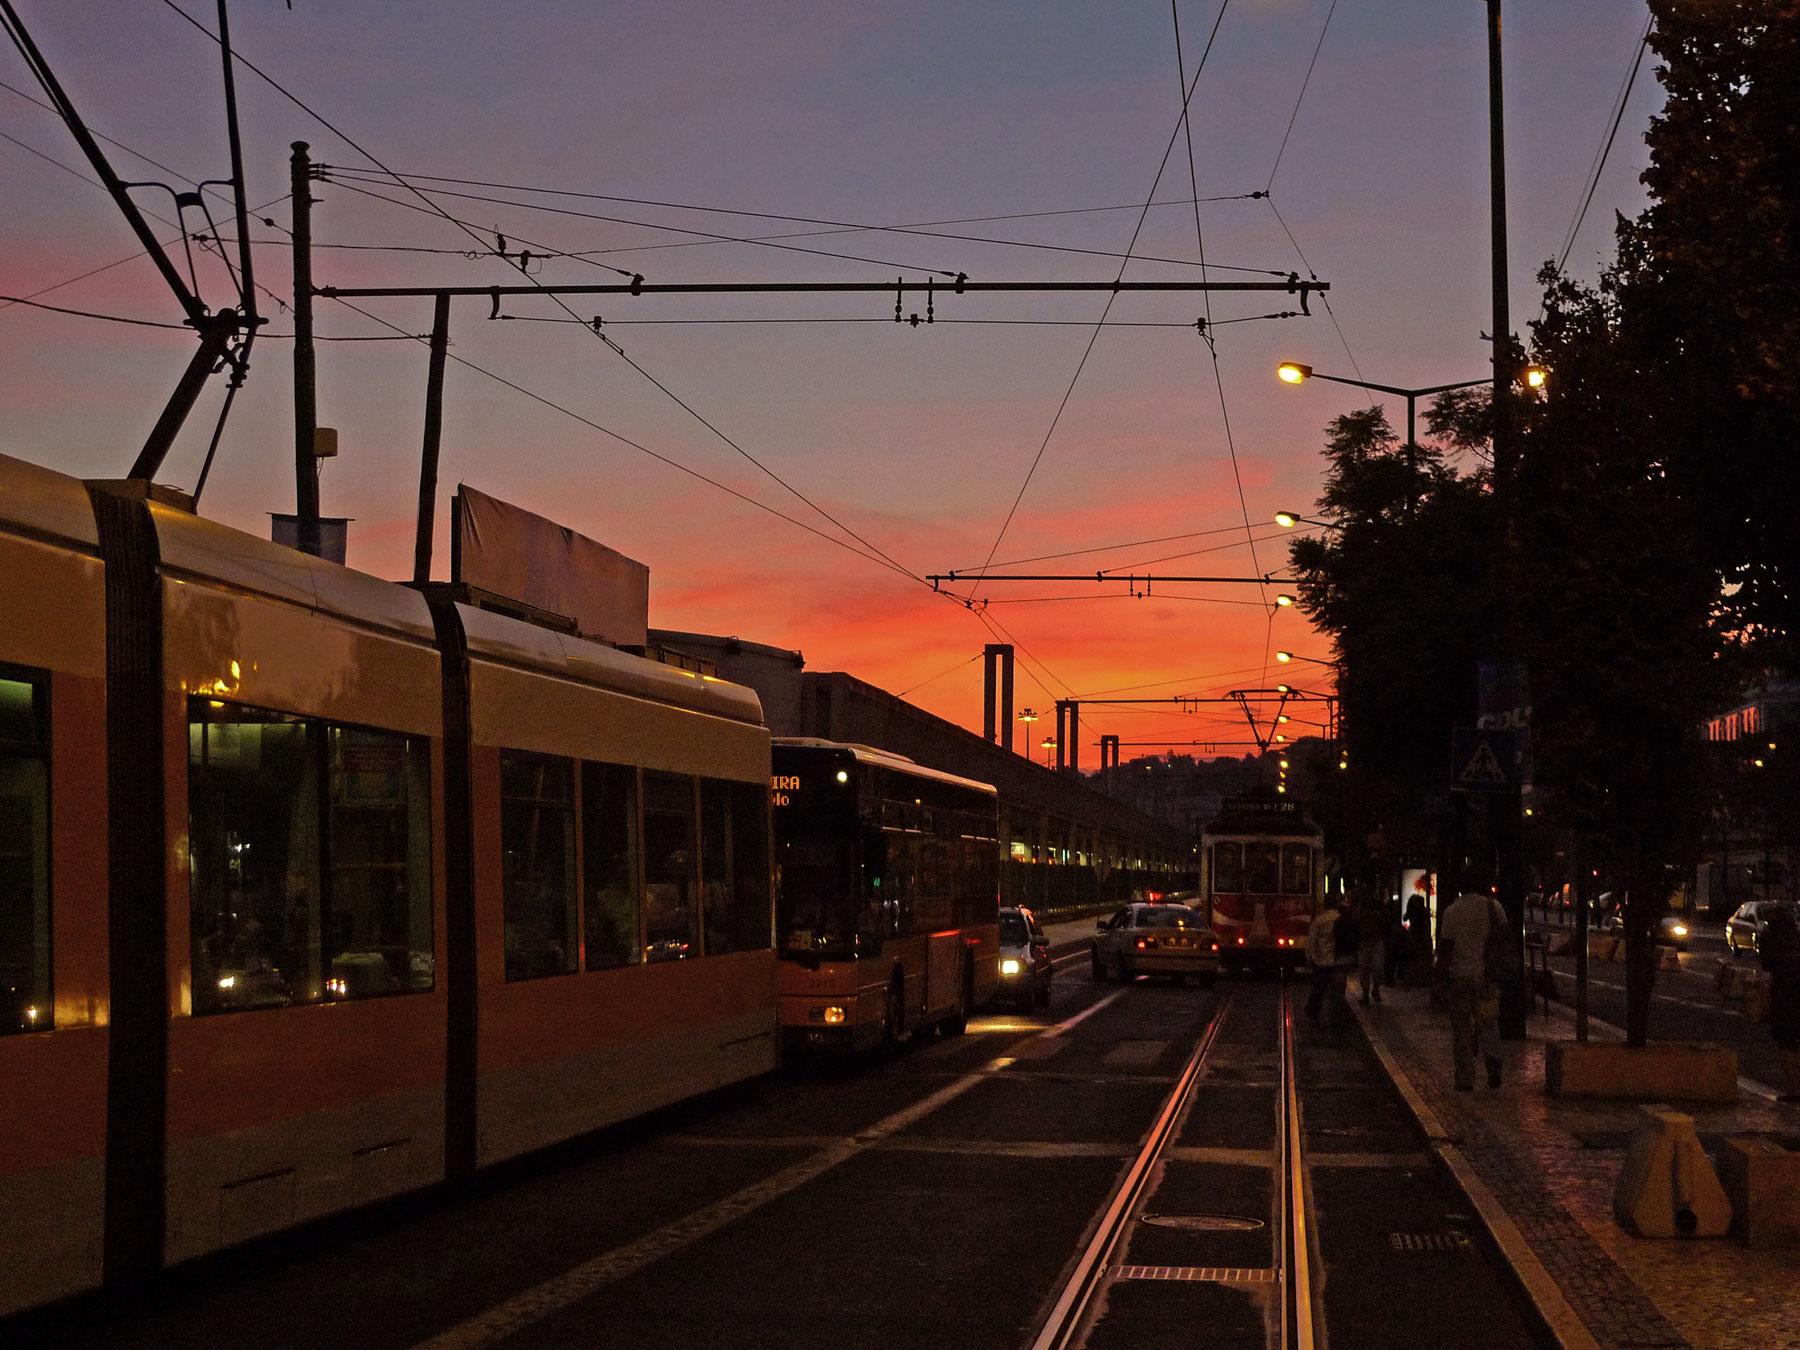 夕焼けに染まるカイス・ド・ソドレ駅前 リスボン市電の電停と線路 撮影:DMC-LX3